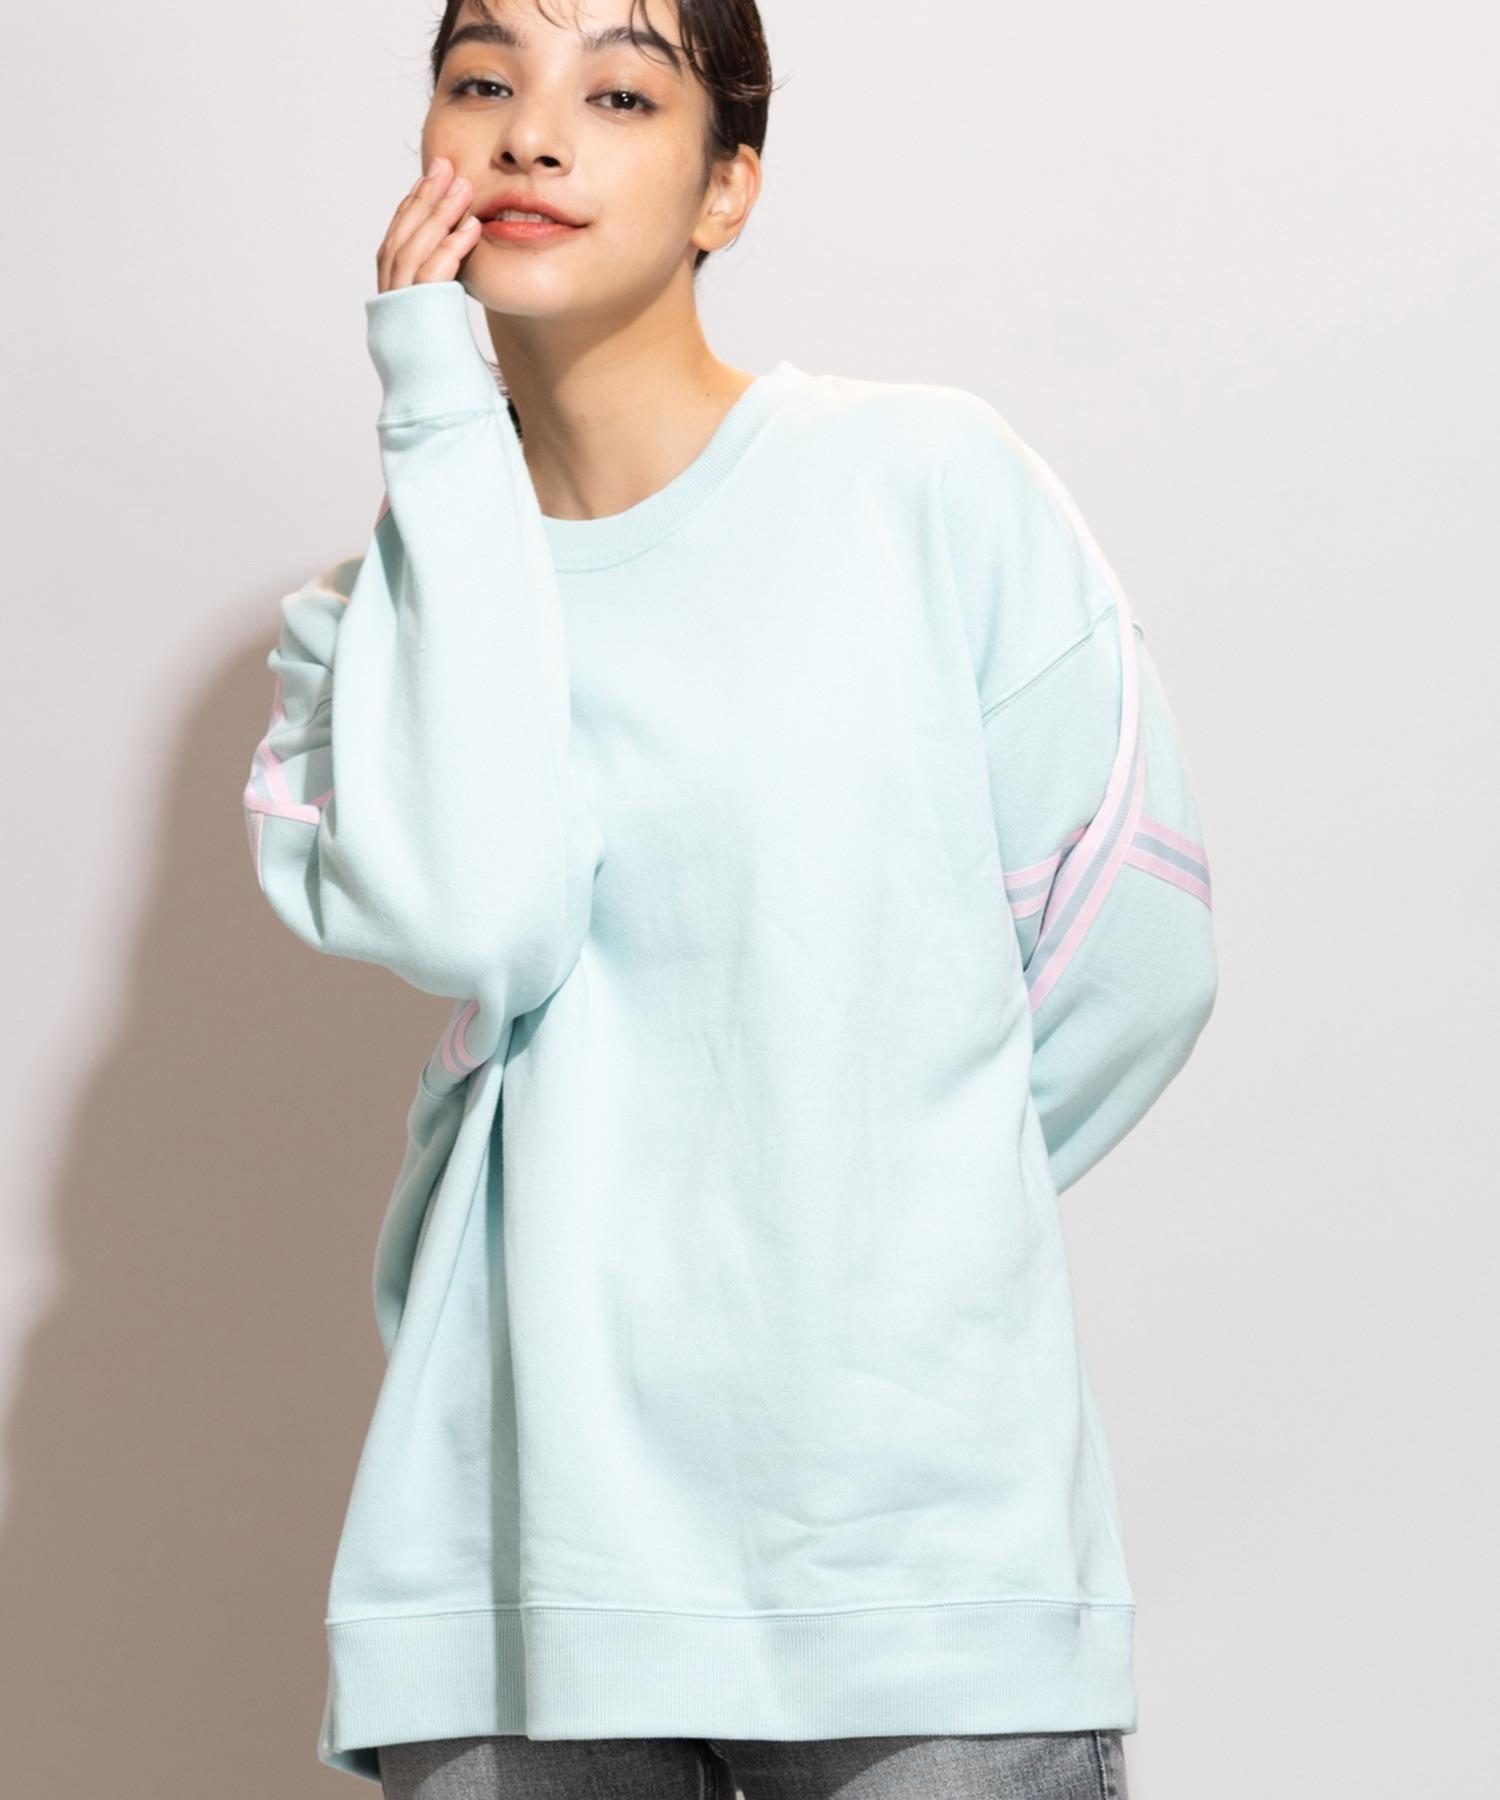 アメリカンラグシー AMERICAN RAG CIE / ラインスウェットシャツ Lined Sweatshirt